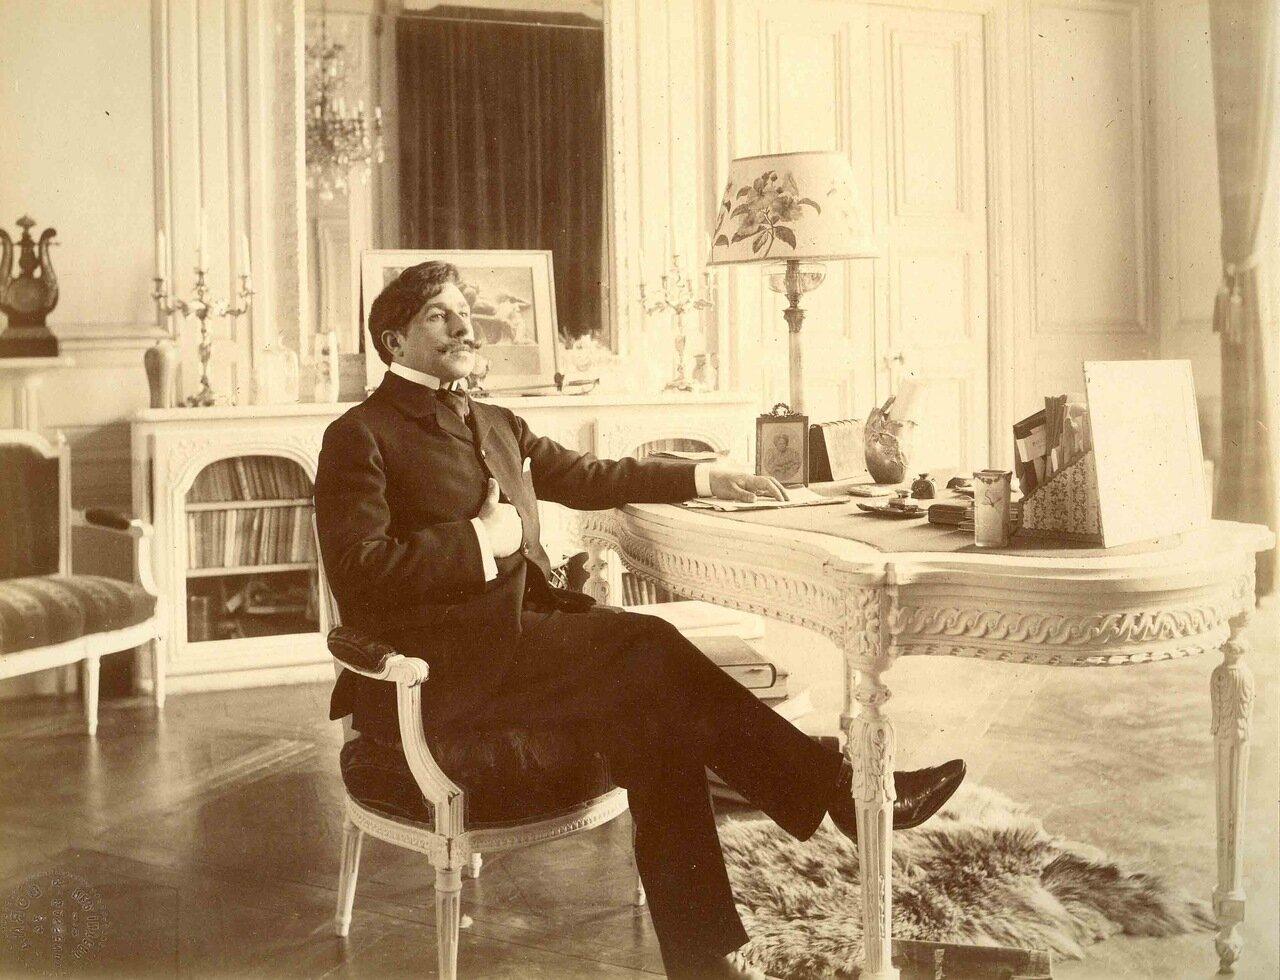 Поль Адан (6 декабря 1862, Париж — 2 января 1920, Париж), французский писатель